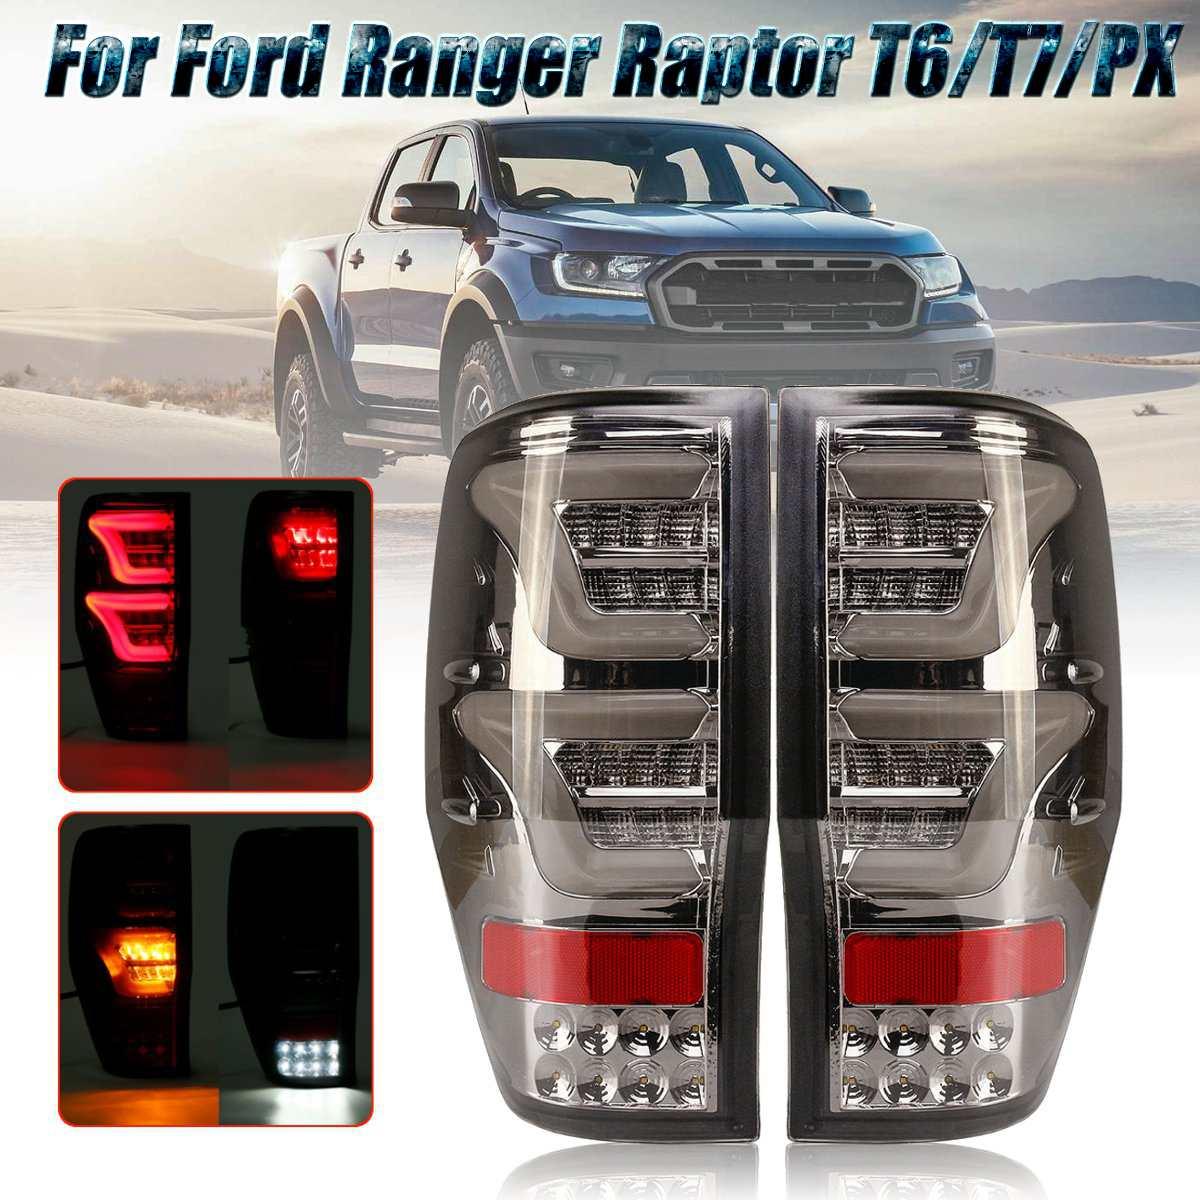 1 Pair LED DIY Tail Light  2 Colors Rear Brake Lamp for Ford Ranger Raptor T6 T7 PX MK1 MK2 Wildtrak 2012 13 14 15 16 17 2018 1 Pair LED DIY Tail Light  2 Colors Rear Brake Lamp for Ford Ranger Raptor T6 T7 PX MK1 MK2 Wildtrak 2012 13 14 15 16 17 2018